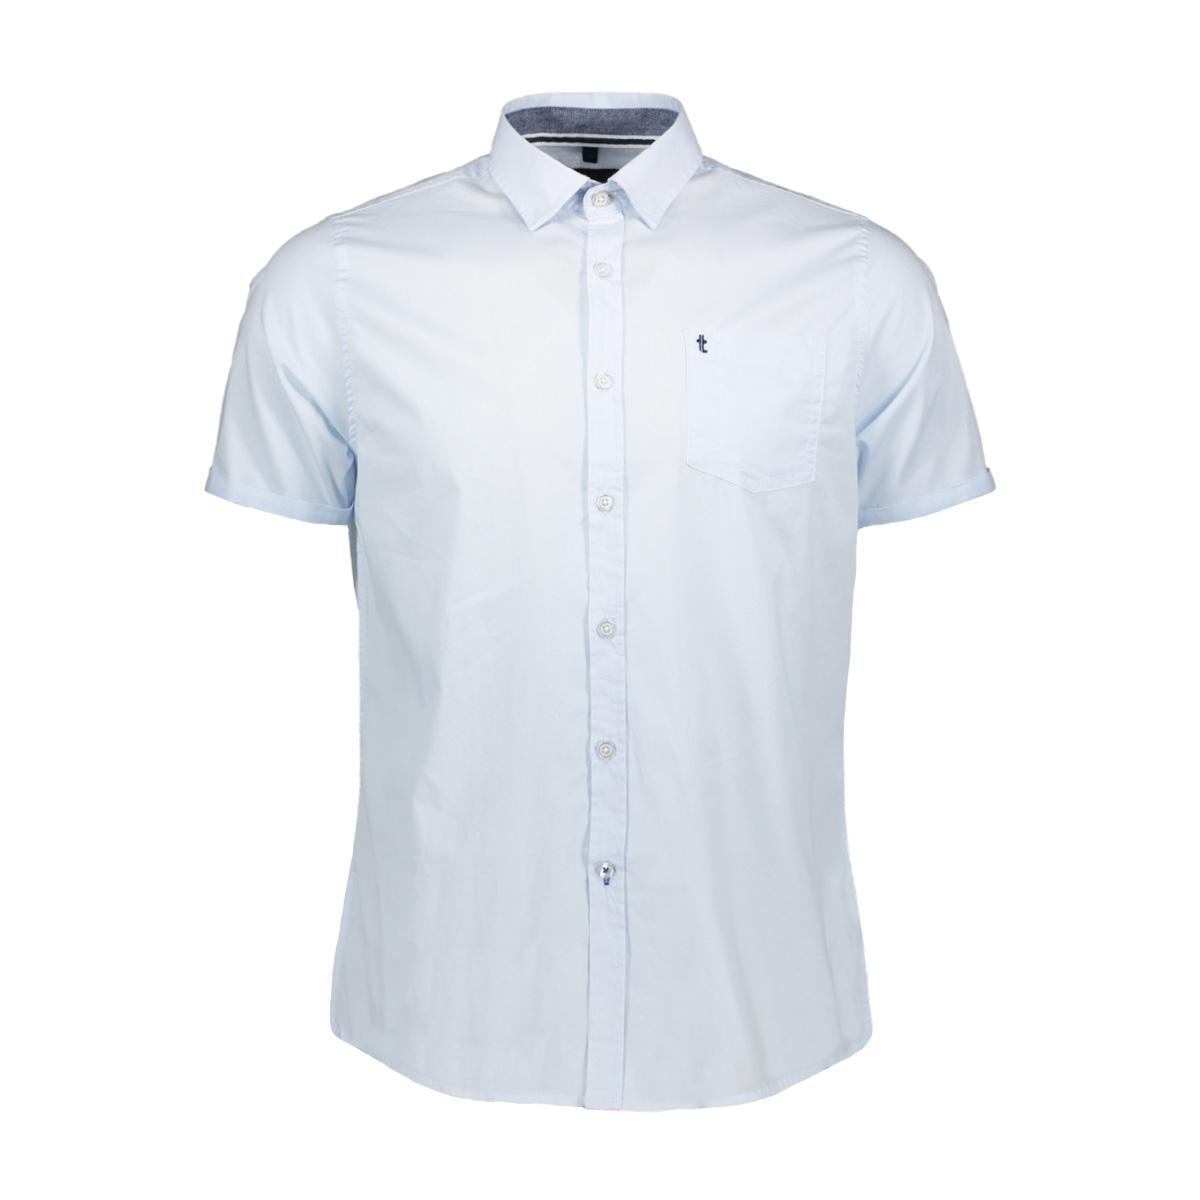 shirt 1901 2127 m 1 twinlife overhemd 6013 dreamblue